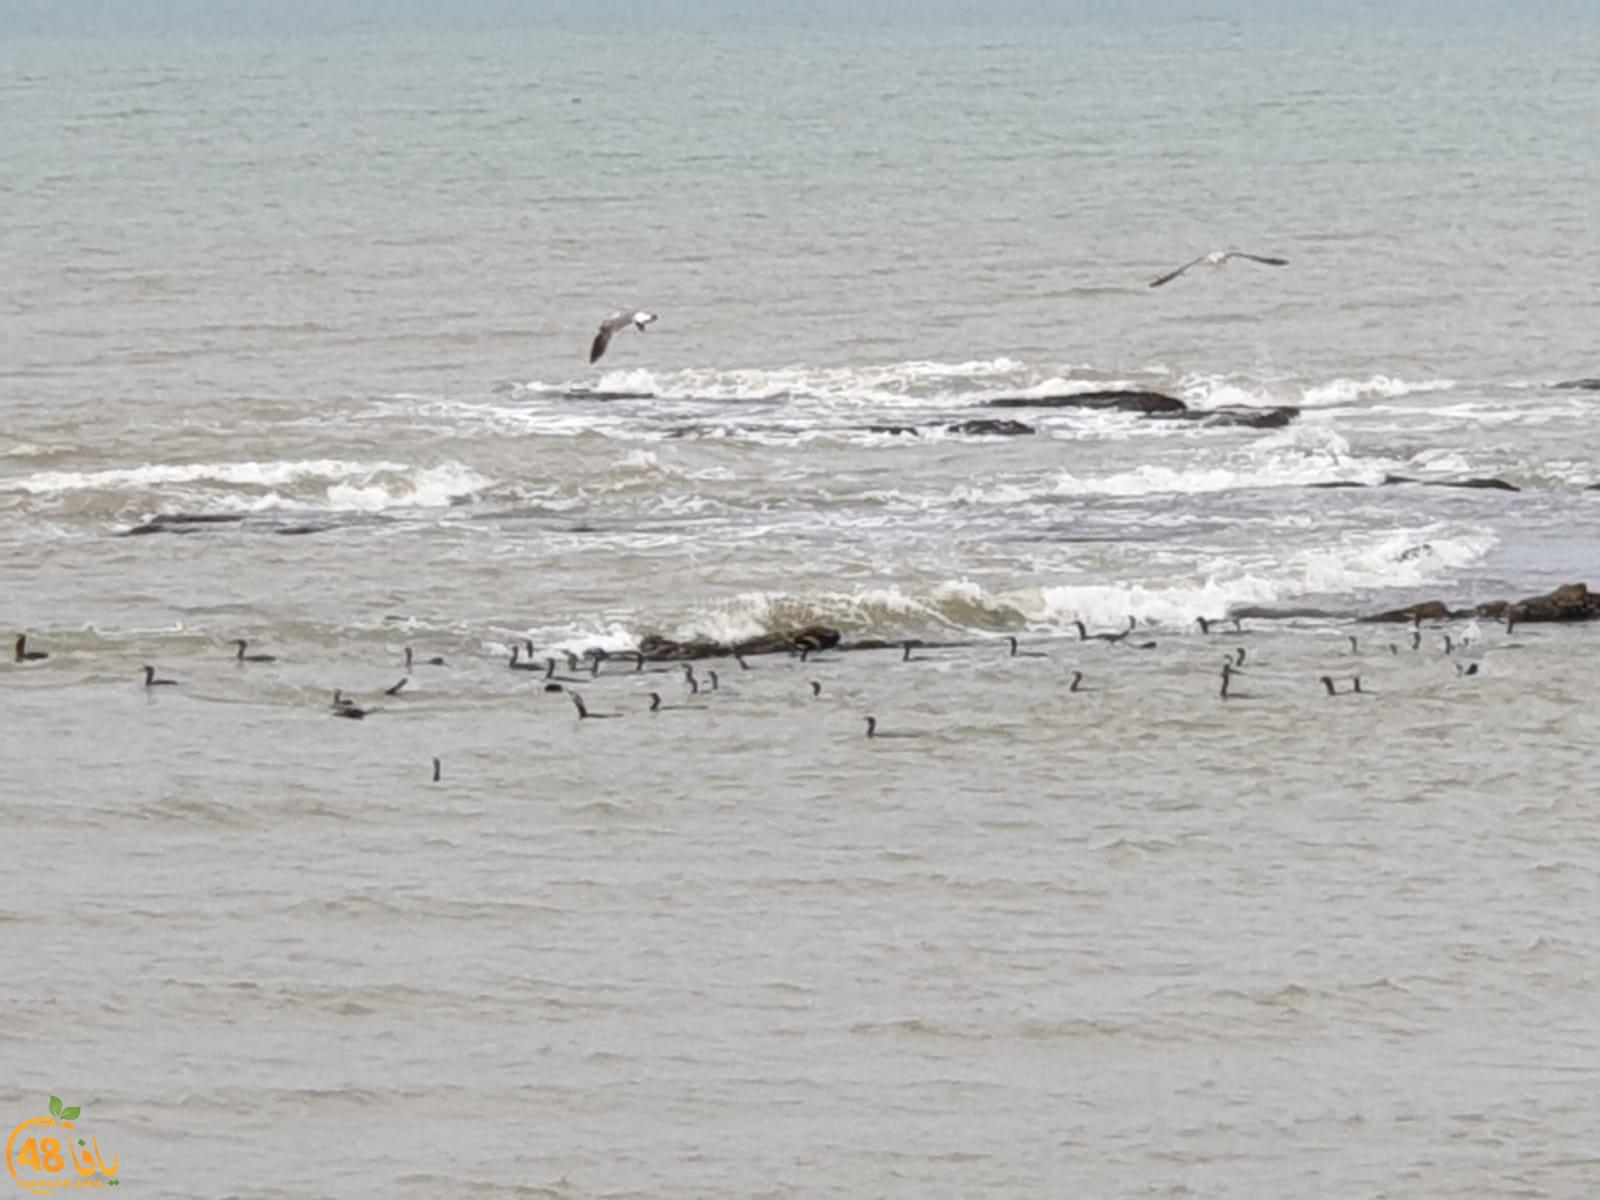 شاهد: شاطئ يافا والطيور هذا الصباح